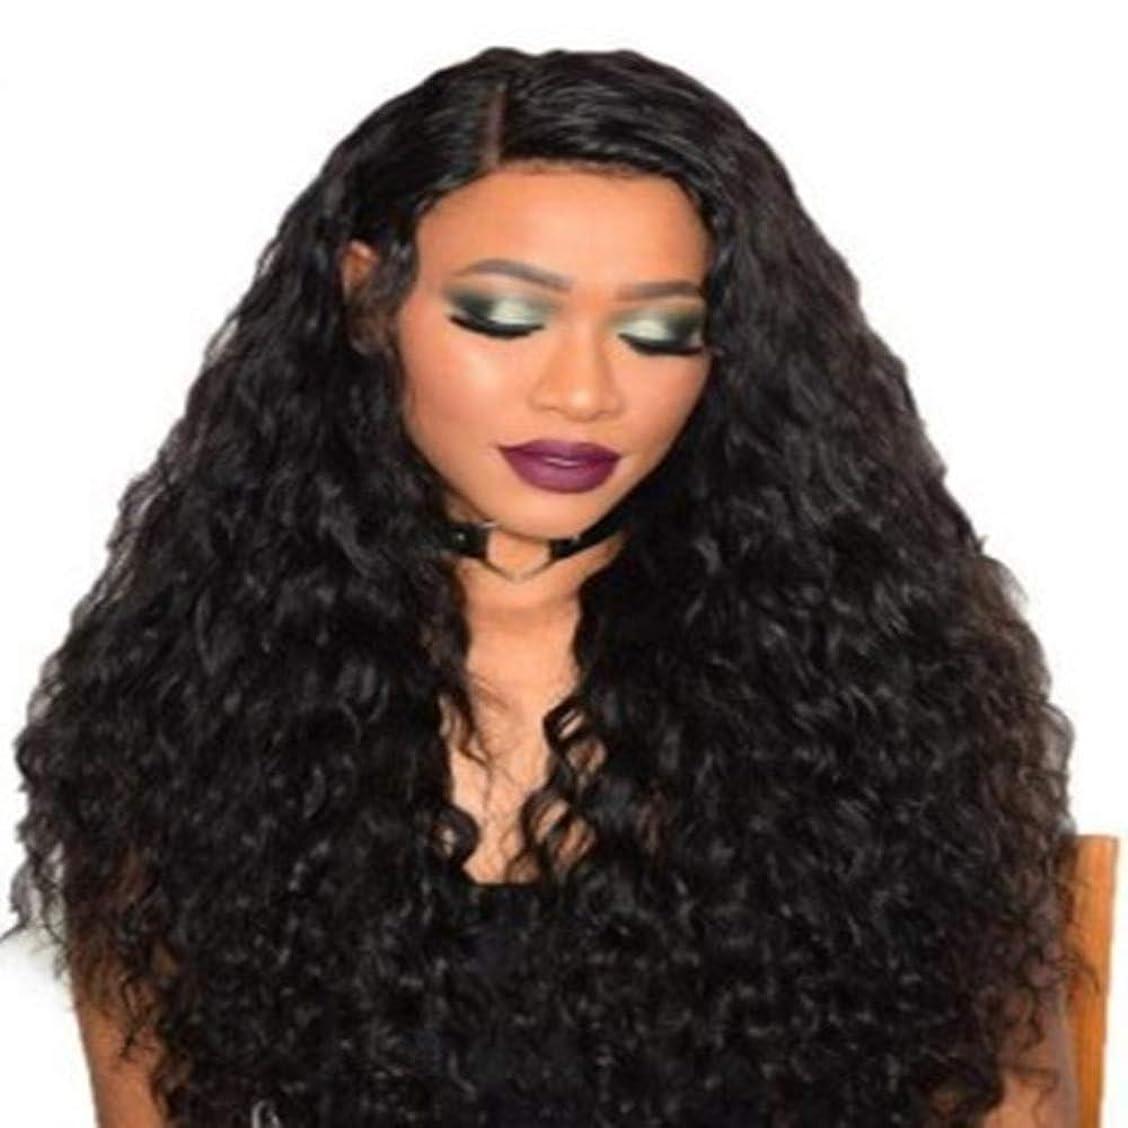 ランドマーク序文噛む女性の黒いトウモロコシ長い巻き毛のかつら75 cm